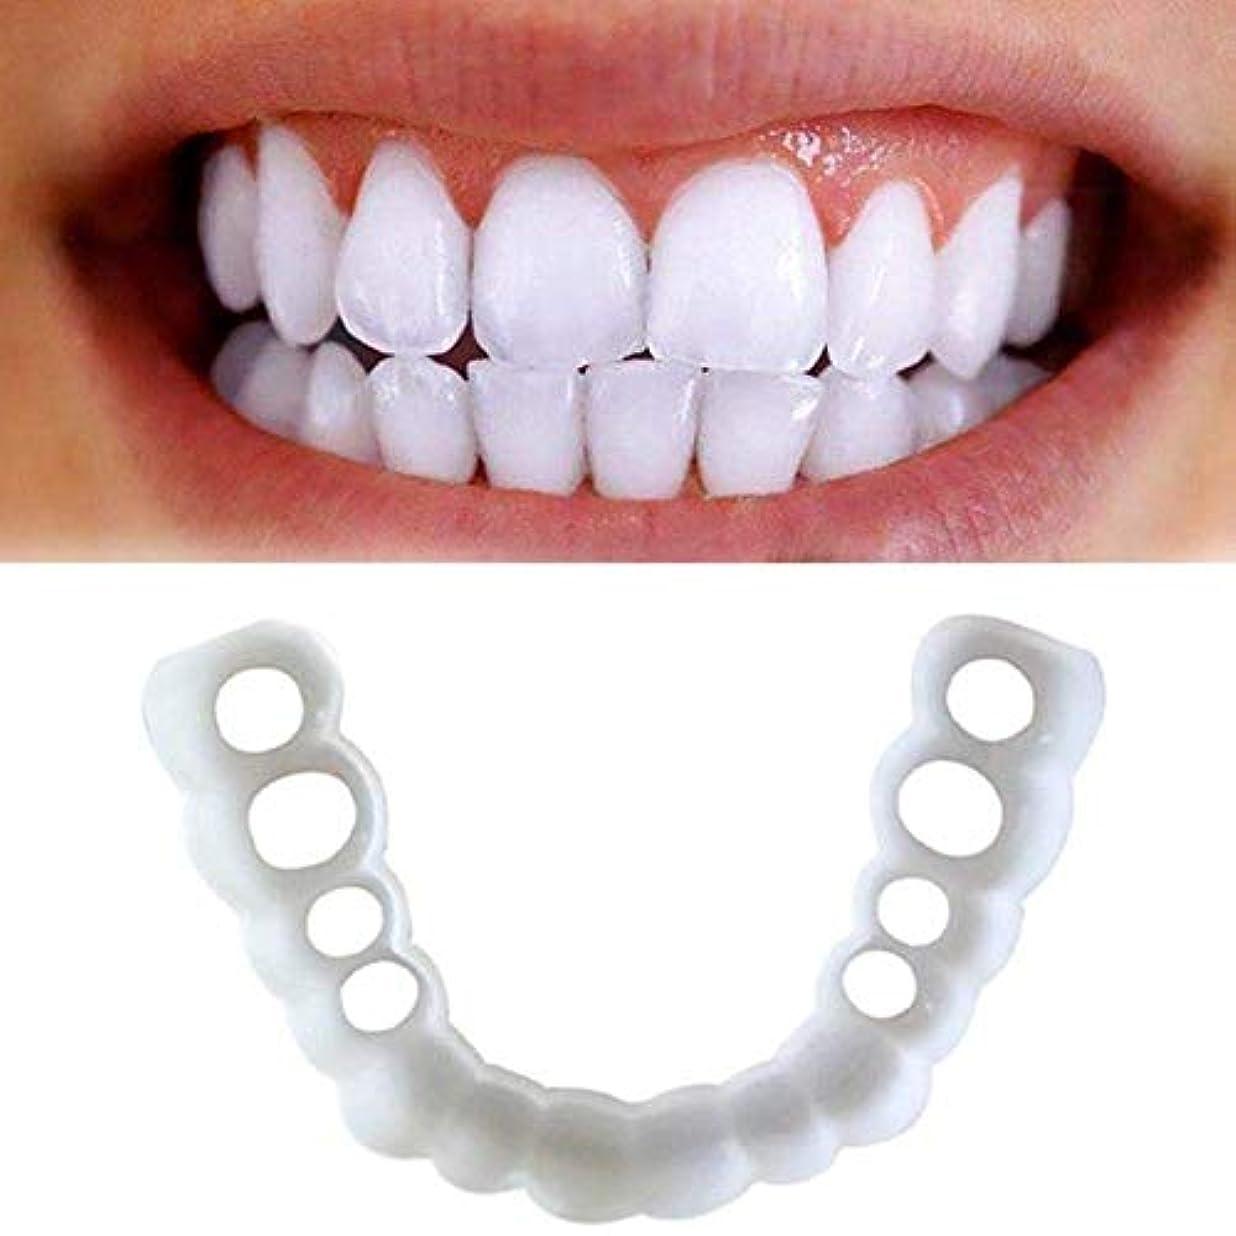 クマノミ注文控えめな1PCS / Setteeth化粧品柔軟化粧品歯科入れ歯歯トップベニヤ化粧品の歯キット入れ歯に適して快適